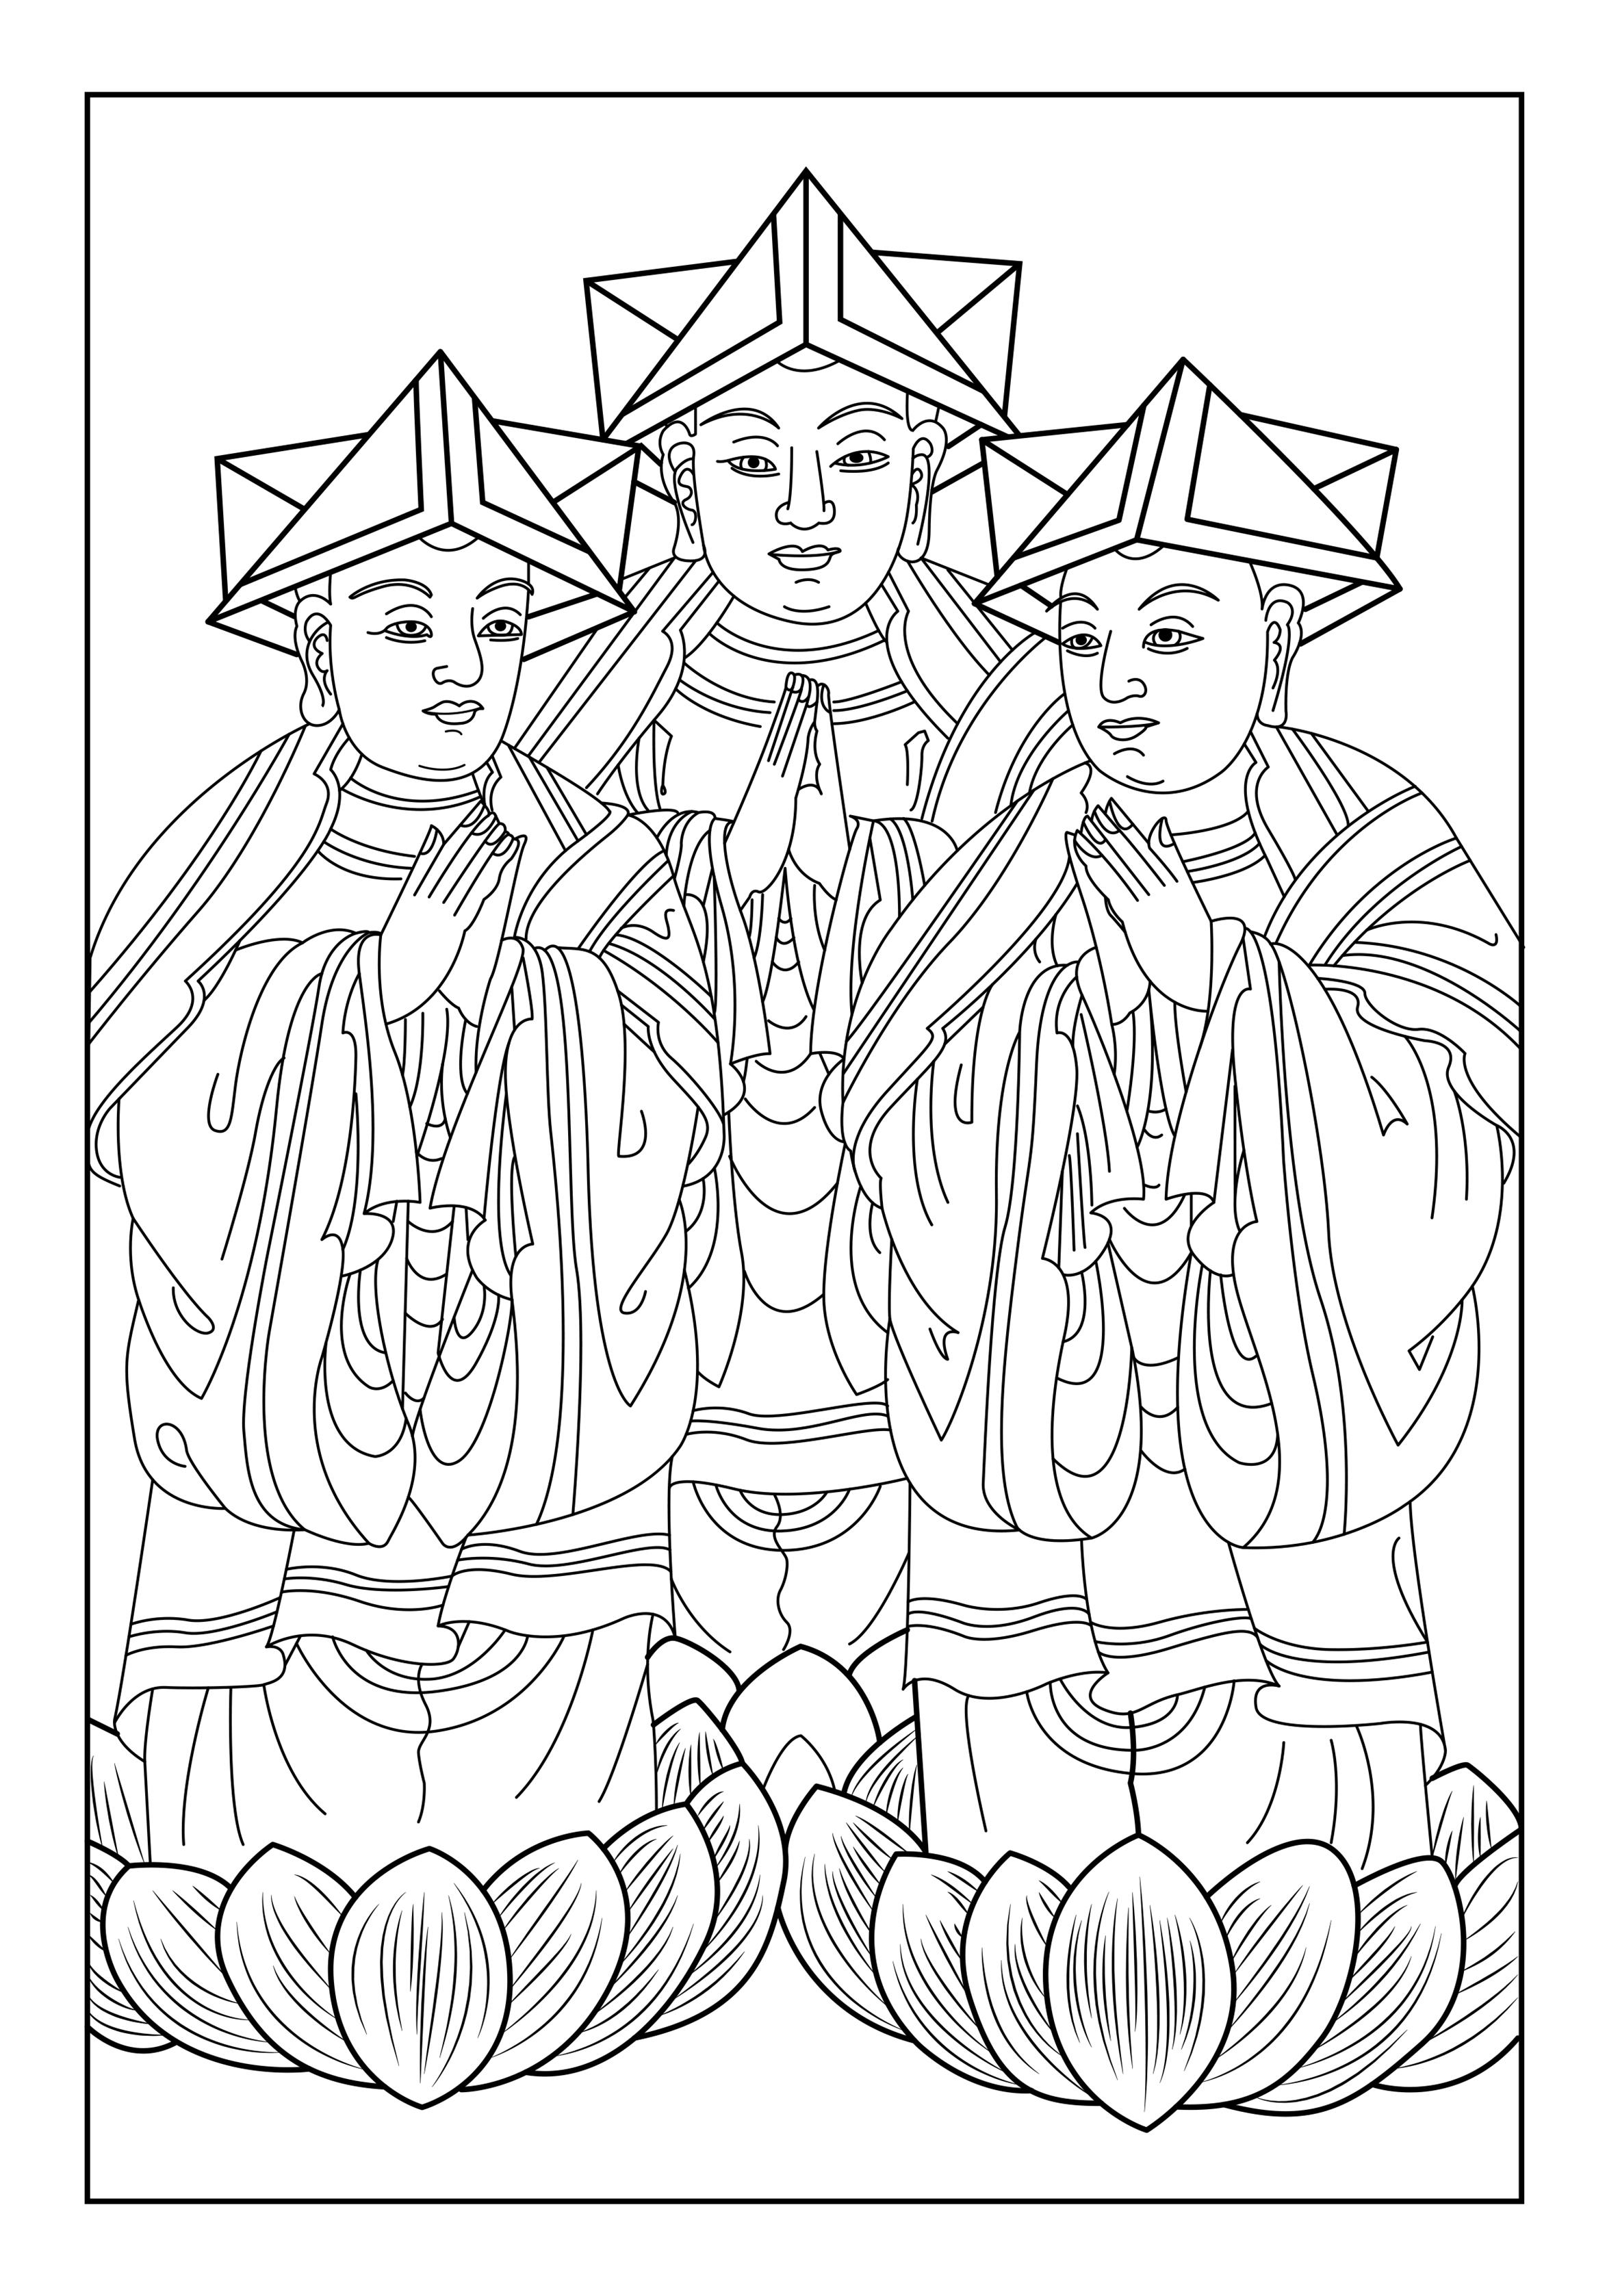 Voici un coloriage mettant en avant trois hommes indiens